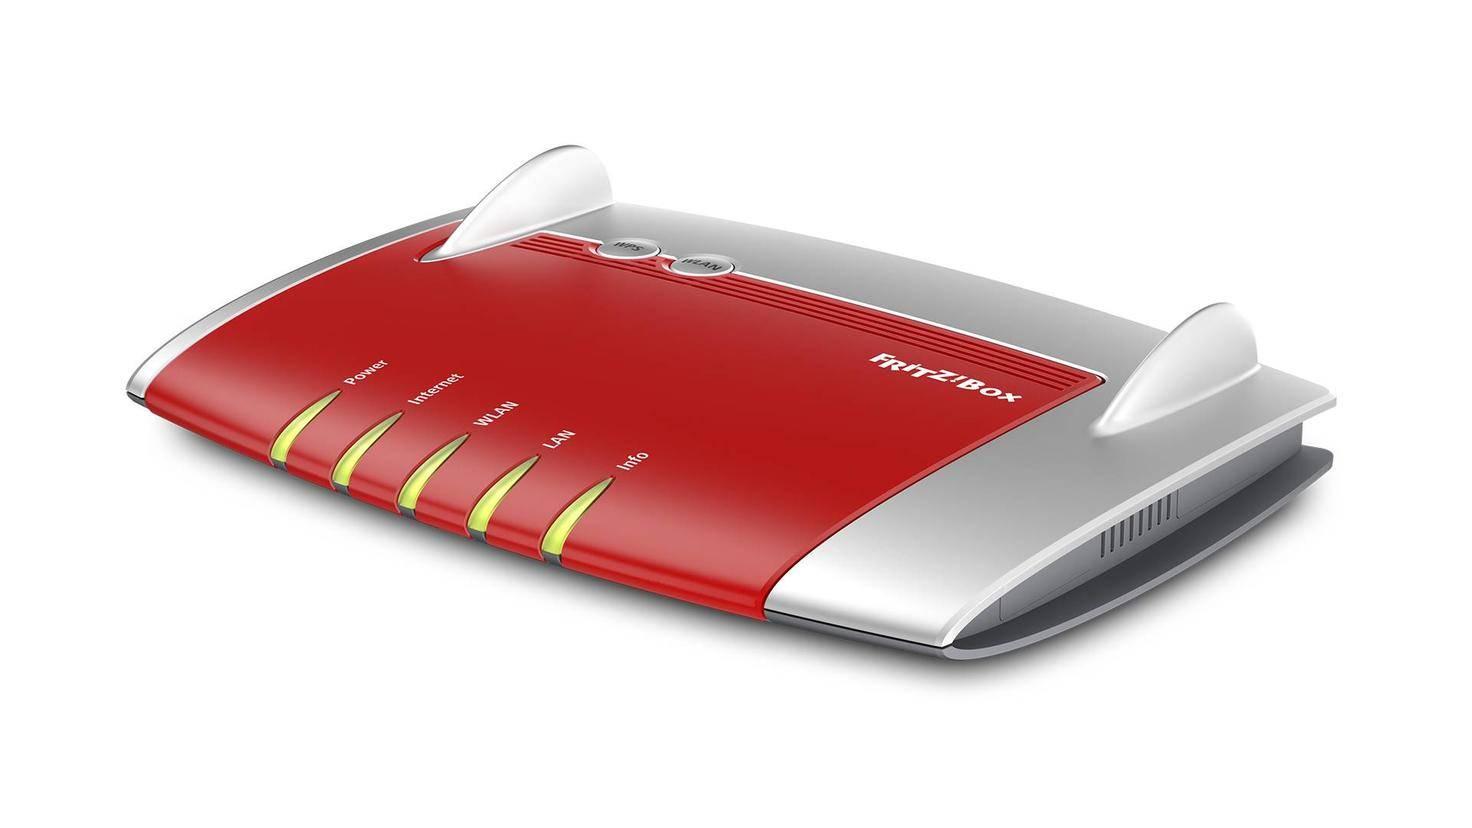 Die Fritzbox 4040 unterstützt Dual-Band-WLAN, jedoch nicht die schnellsten Geschwindigkeiten.